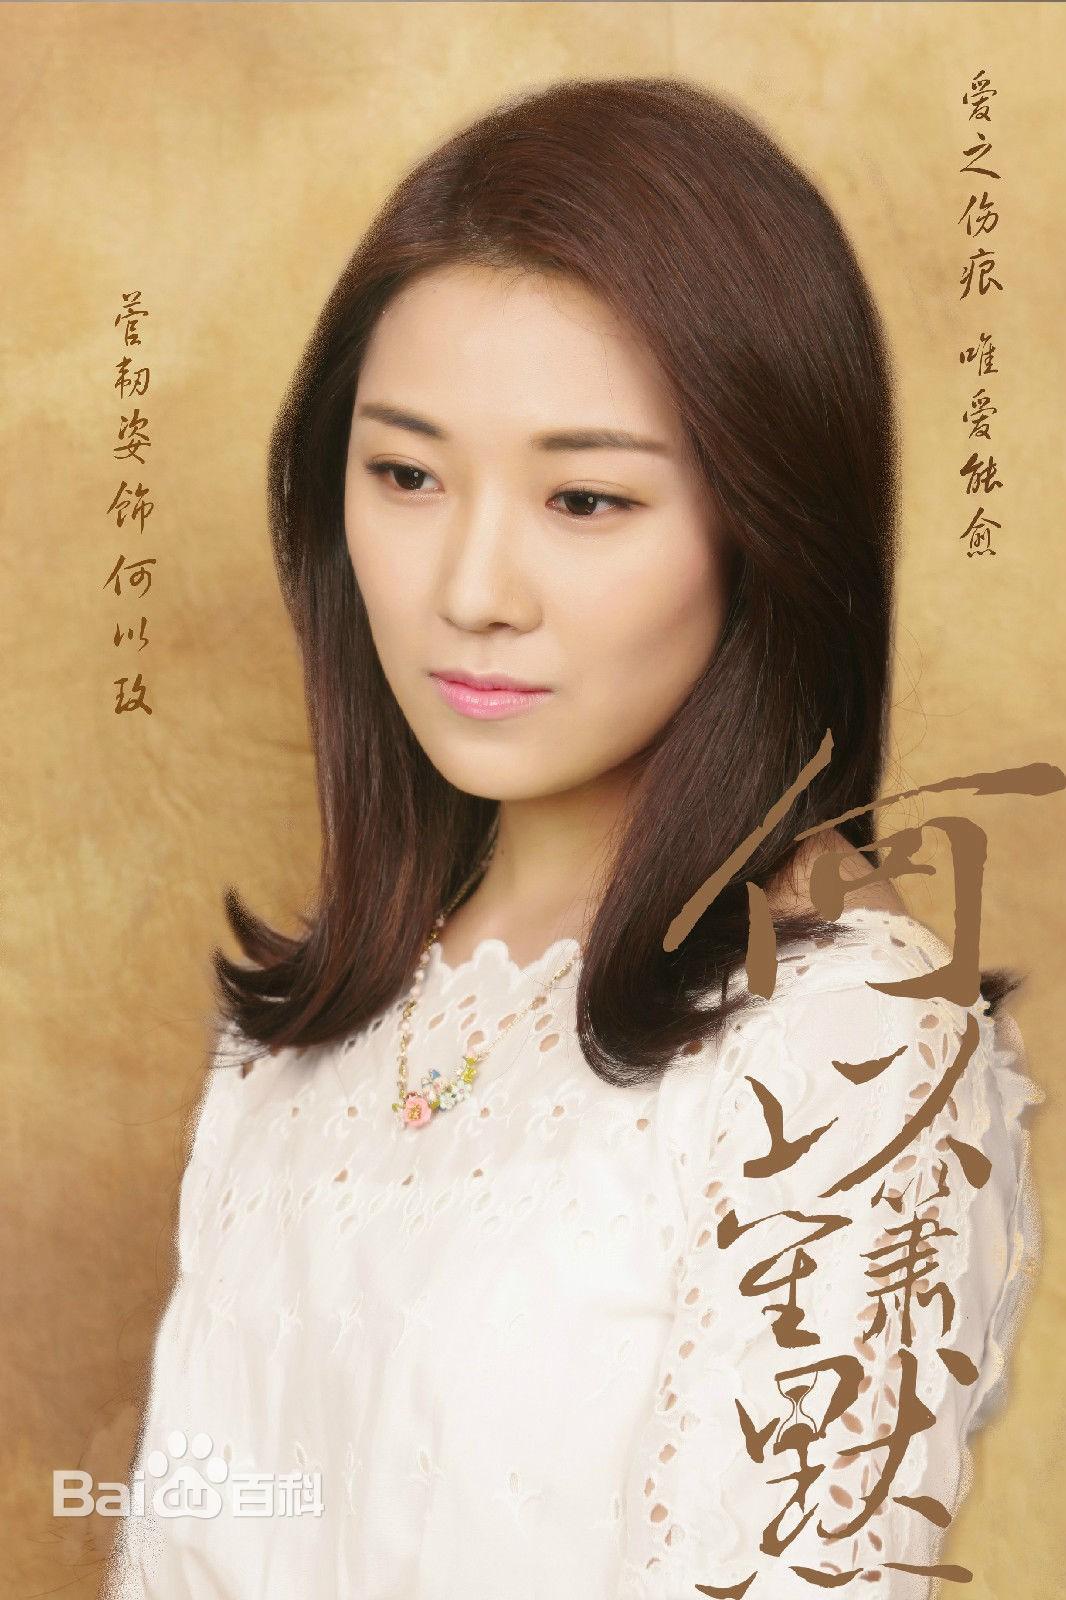 Dàn sao Bên nhau trọn đời sau 4 năm: Đường Yên - Chung Hán Lương bất ngờ bị cặp sao phụ vượt mặt ngoạn mục - Ảnh 17.